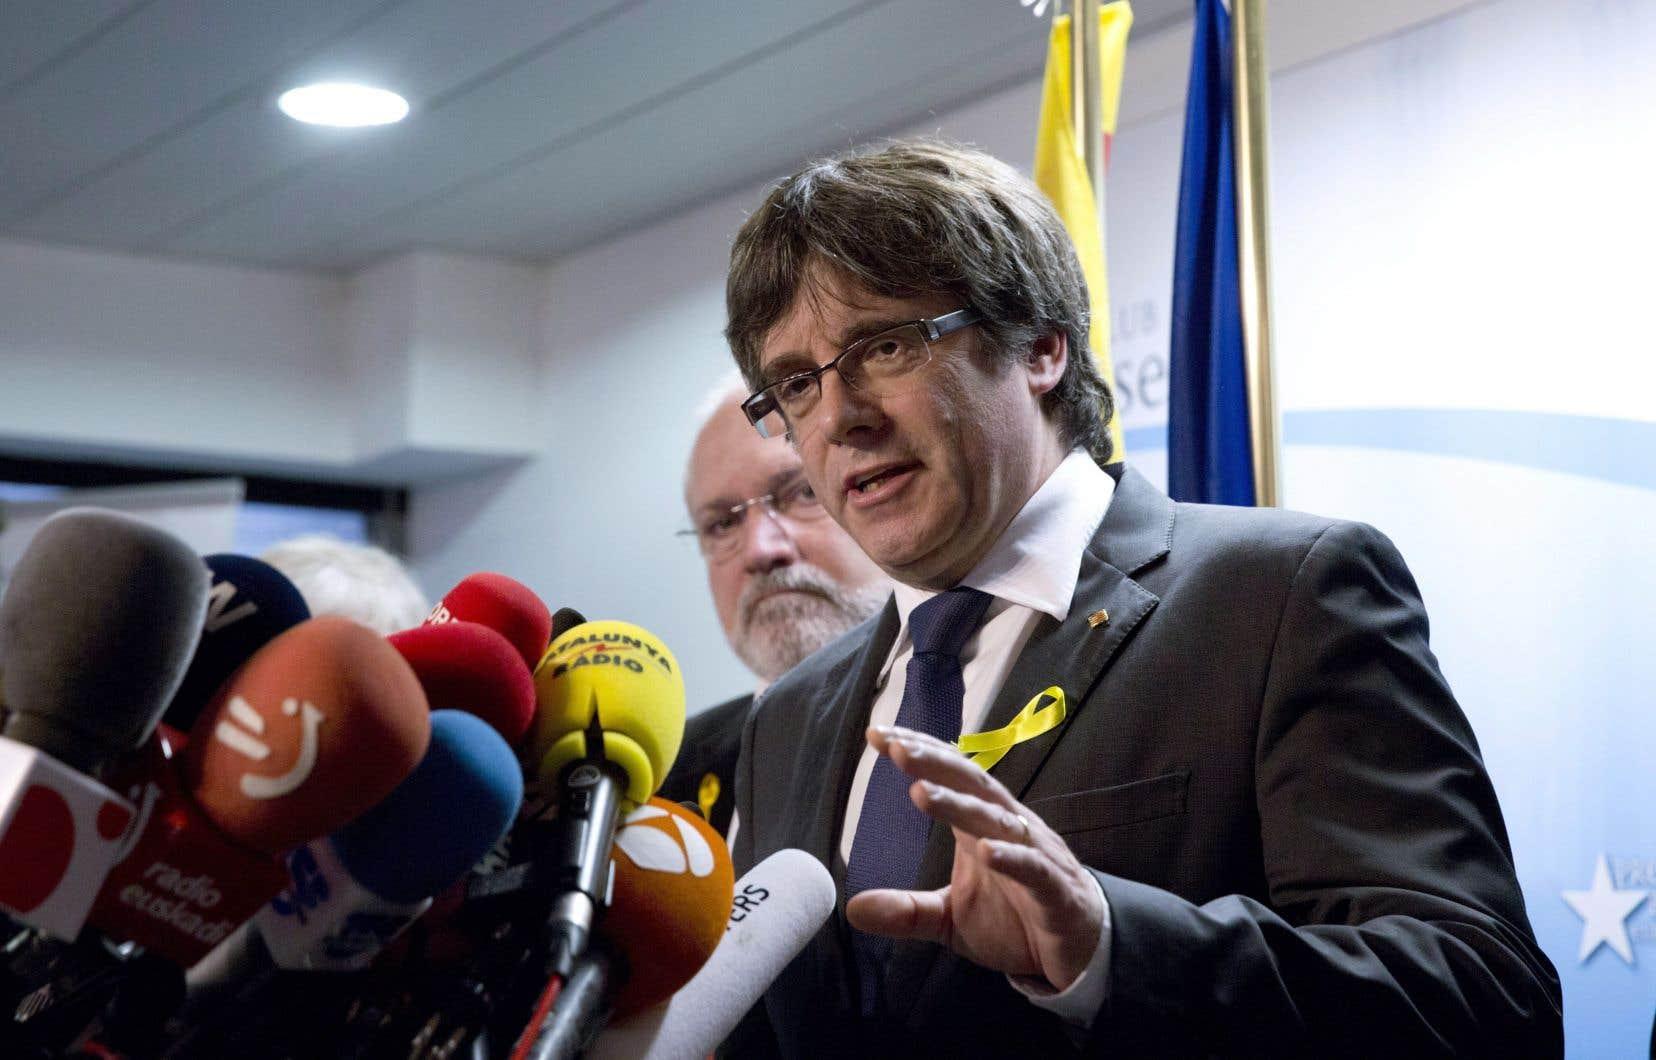 Élu président de la Catalogne en janvier 2016, Carles Puigdemont a été destitué par Madrid le 27 octobre, quelques heures après une déclaration d'indépendance de la «République catalane» votée au Parlement régional.